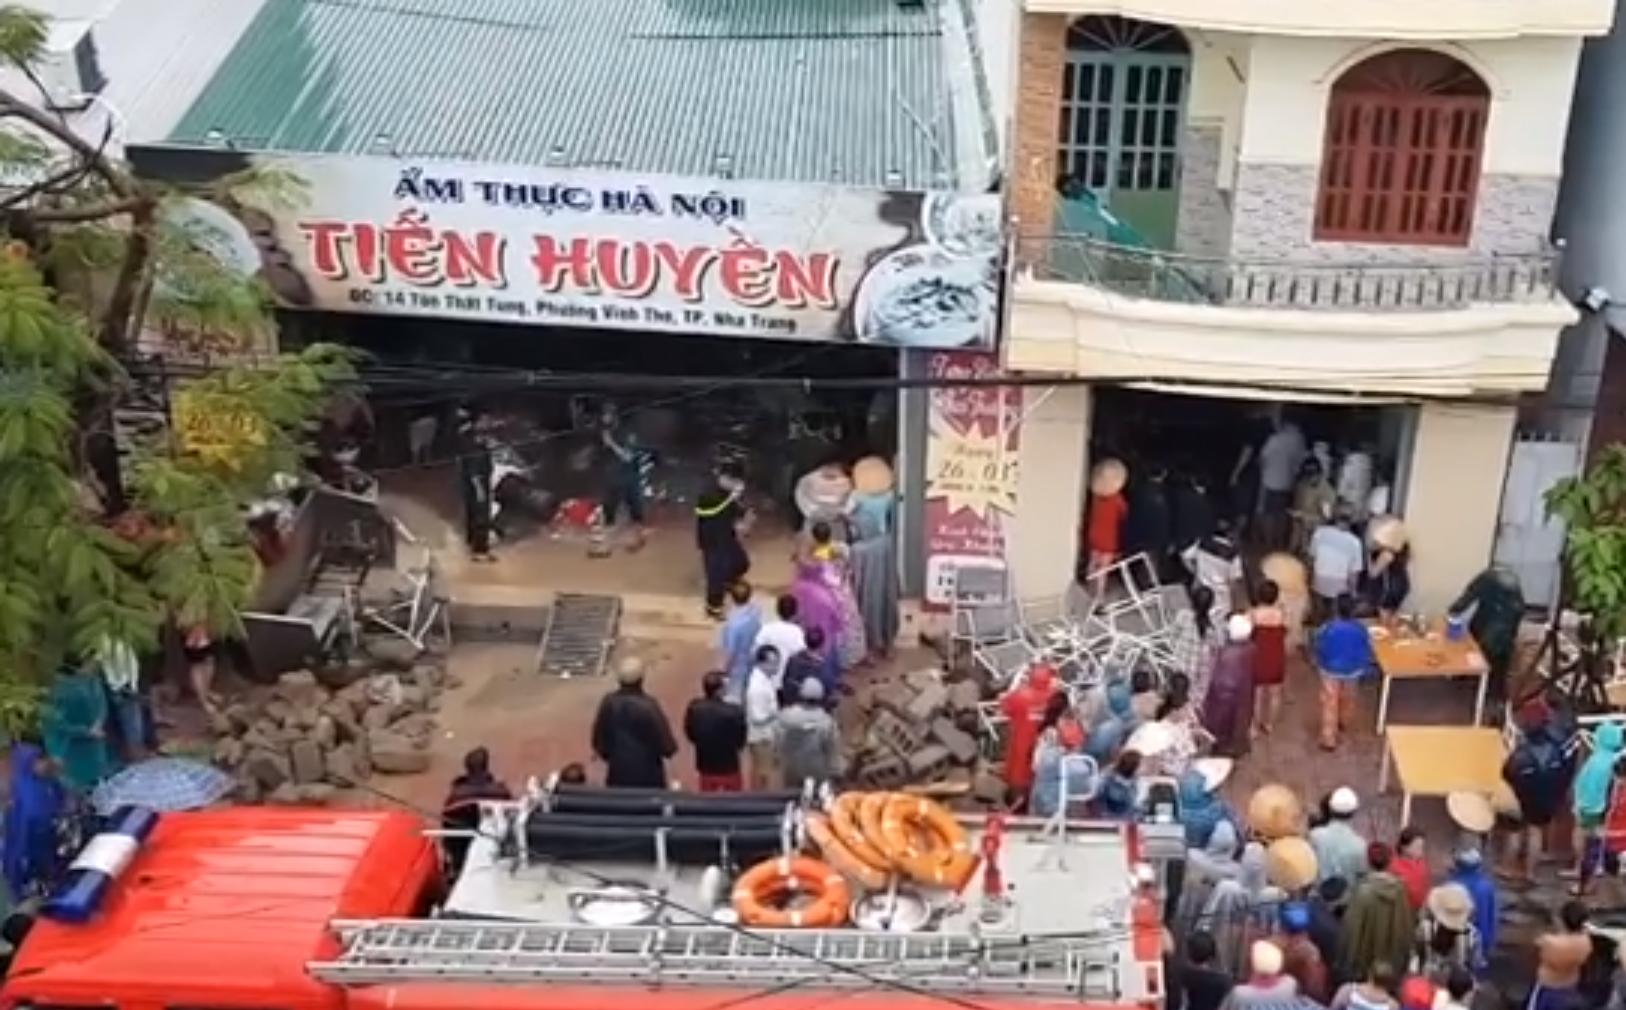 Vụ sập quán phở ở Nha Trang: Mẹ không kịp chạy vào cứu con gái 7 tuổi - Ảnh 1